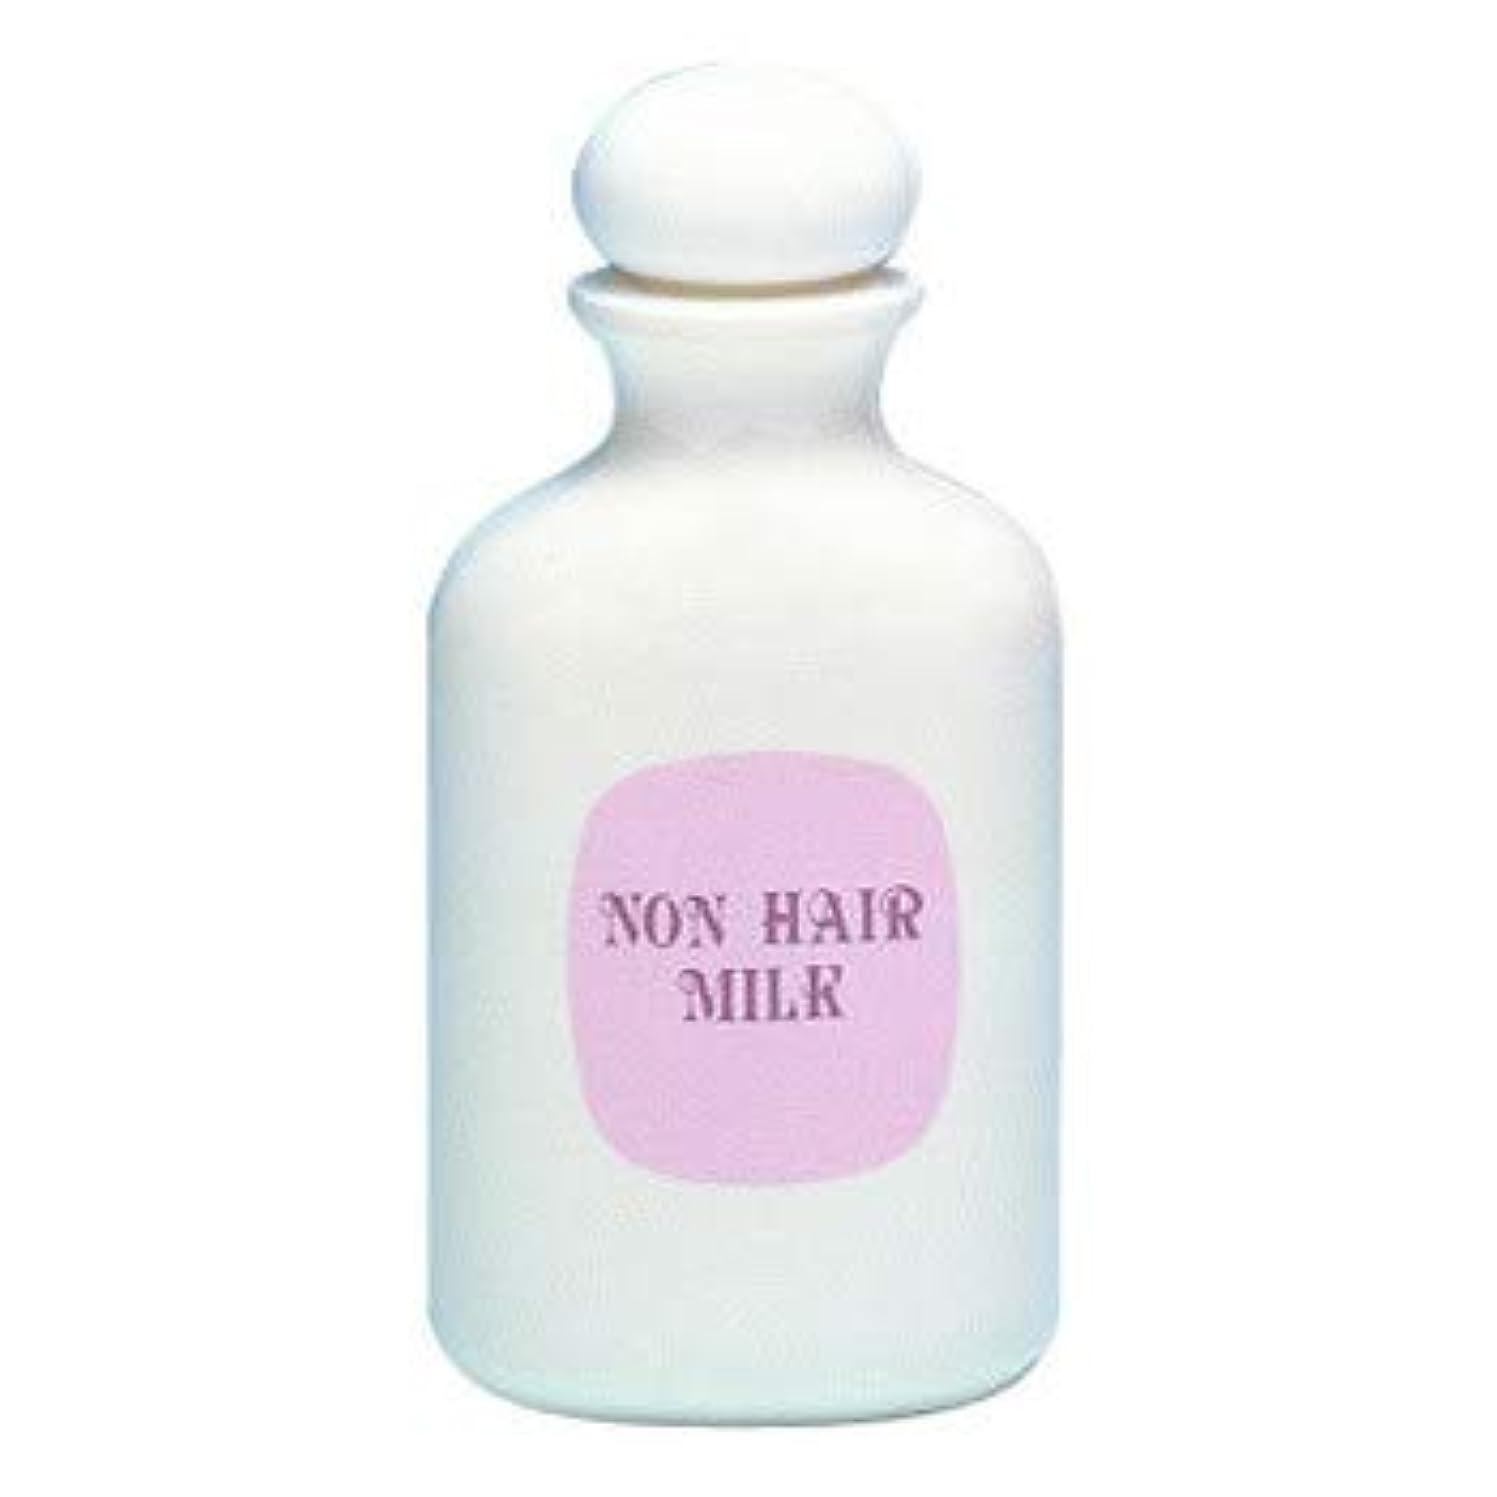 スライム比べる部分的に除毛クリーム デリケートゾーン ノンヘアーミルク 大容量200ml ムダ毛処理 脱毛 除毛剤